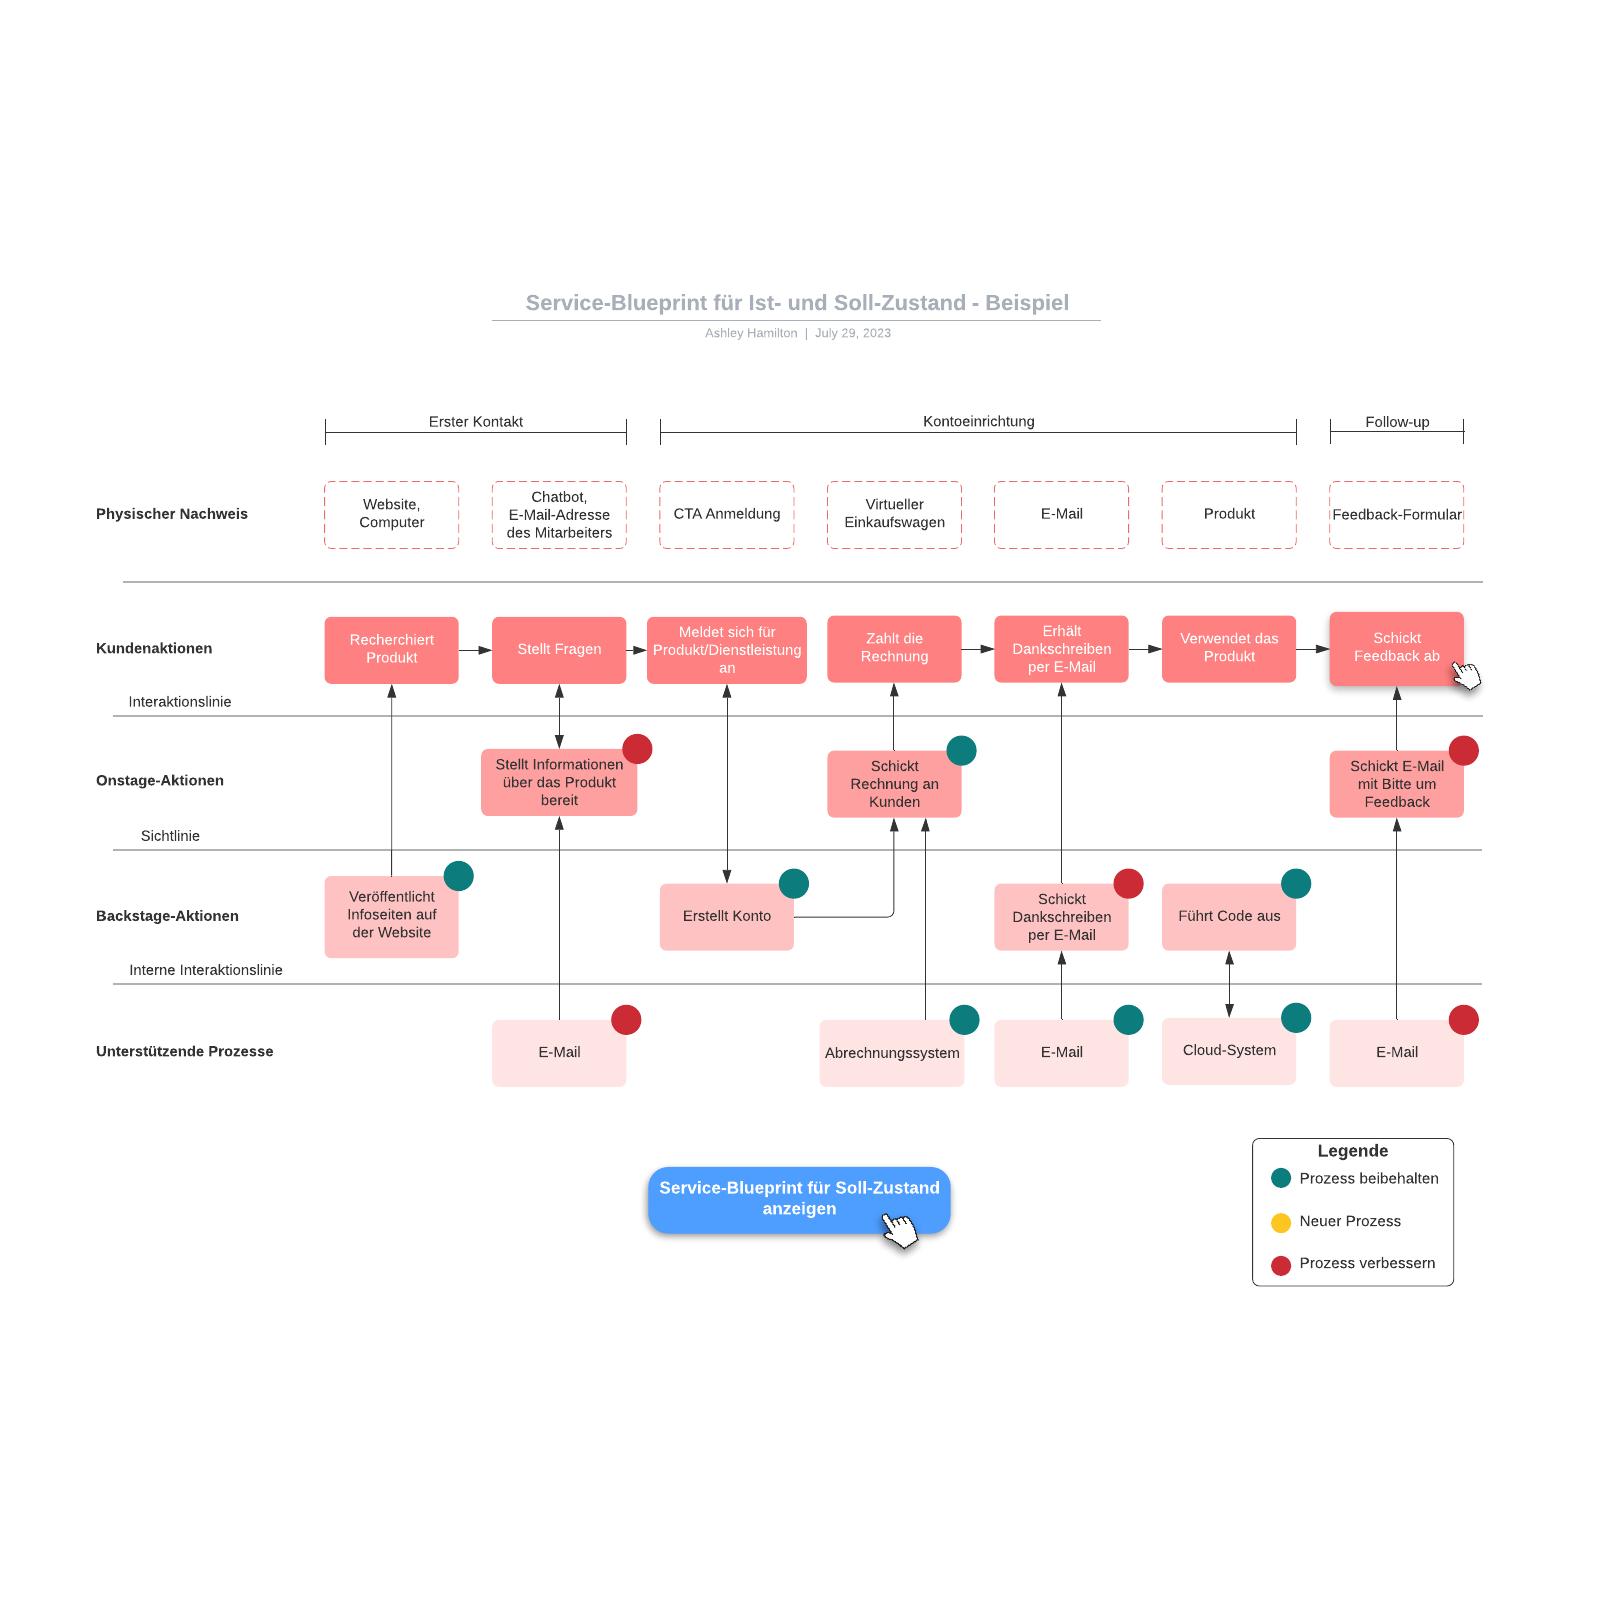 Service-Blueprint für Ist- und Soll-Zustand - Beispiel